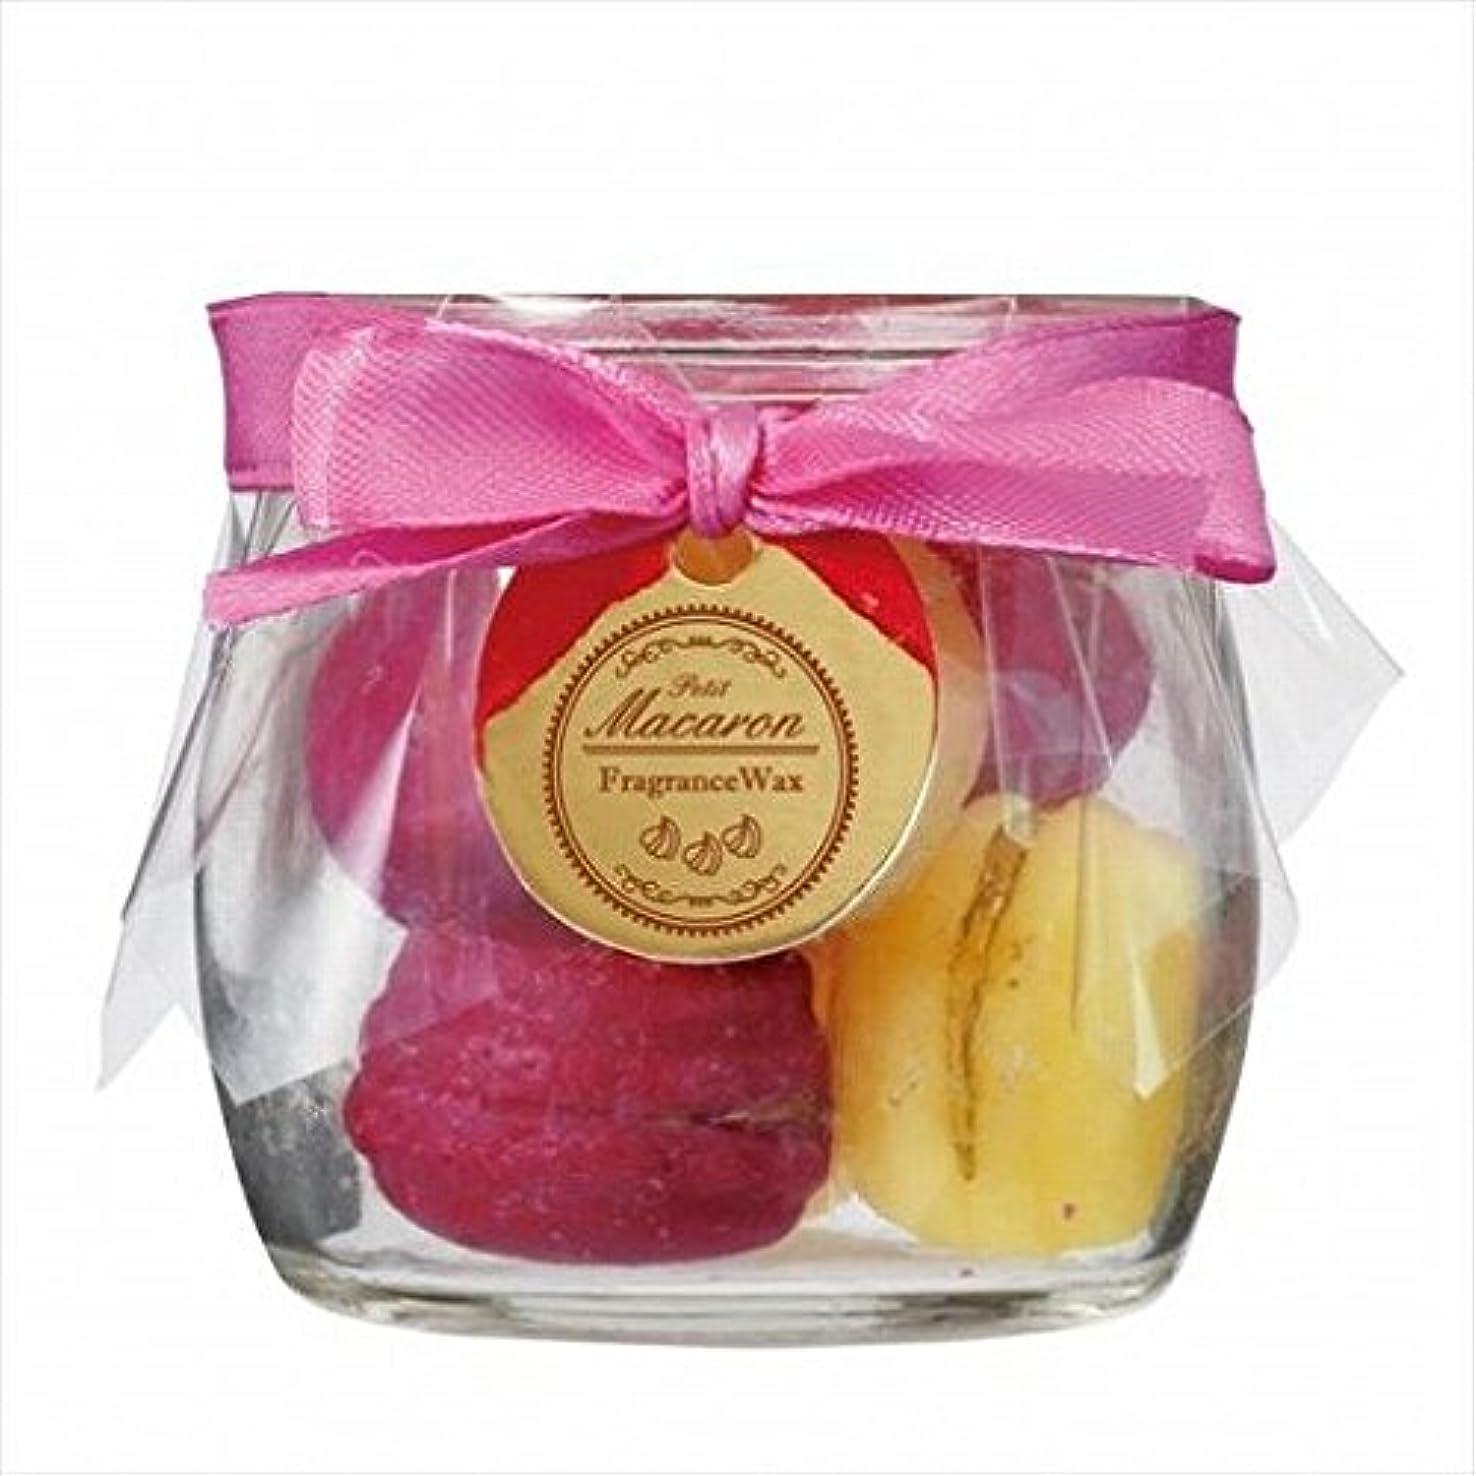 退屈な石石sweets candle(スイーツキャンドル) プチマカロンフレグランス 「 ベリー 」 キャンドル 60x60x56mm (A3160510)